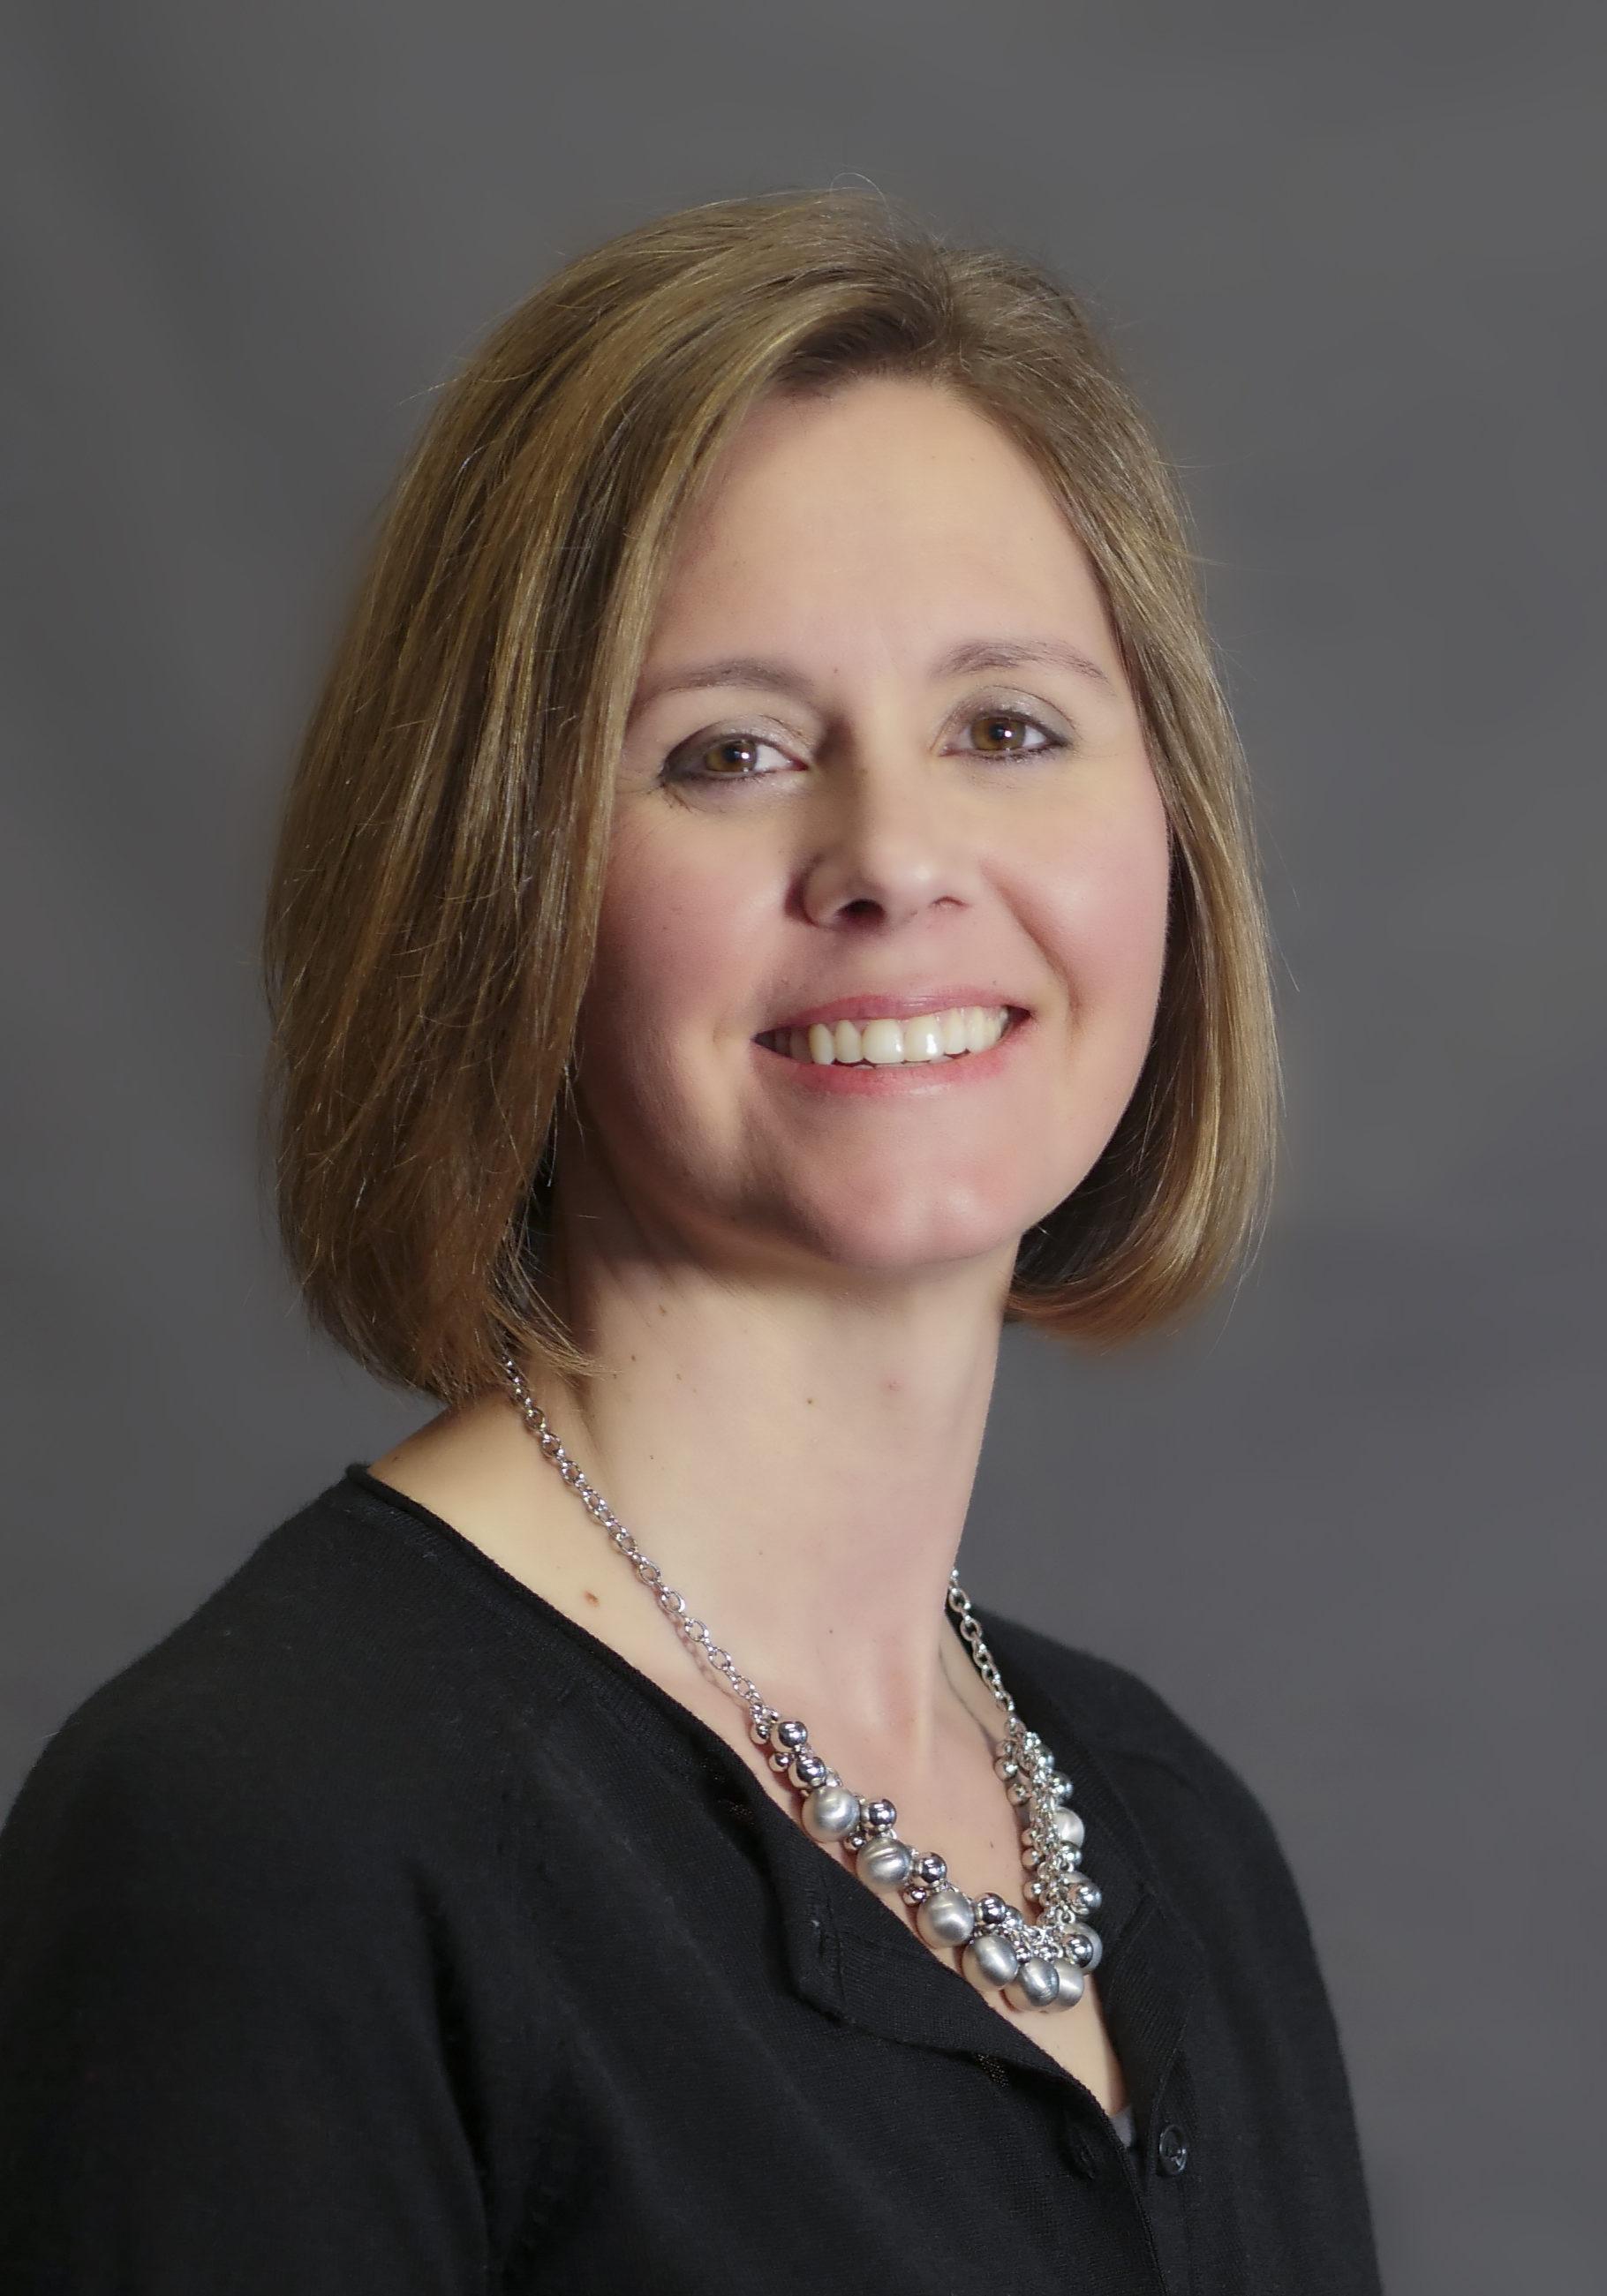 Jodi Lynch, President